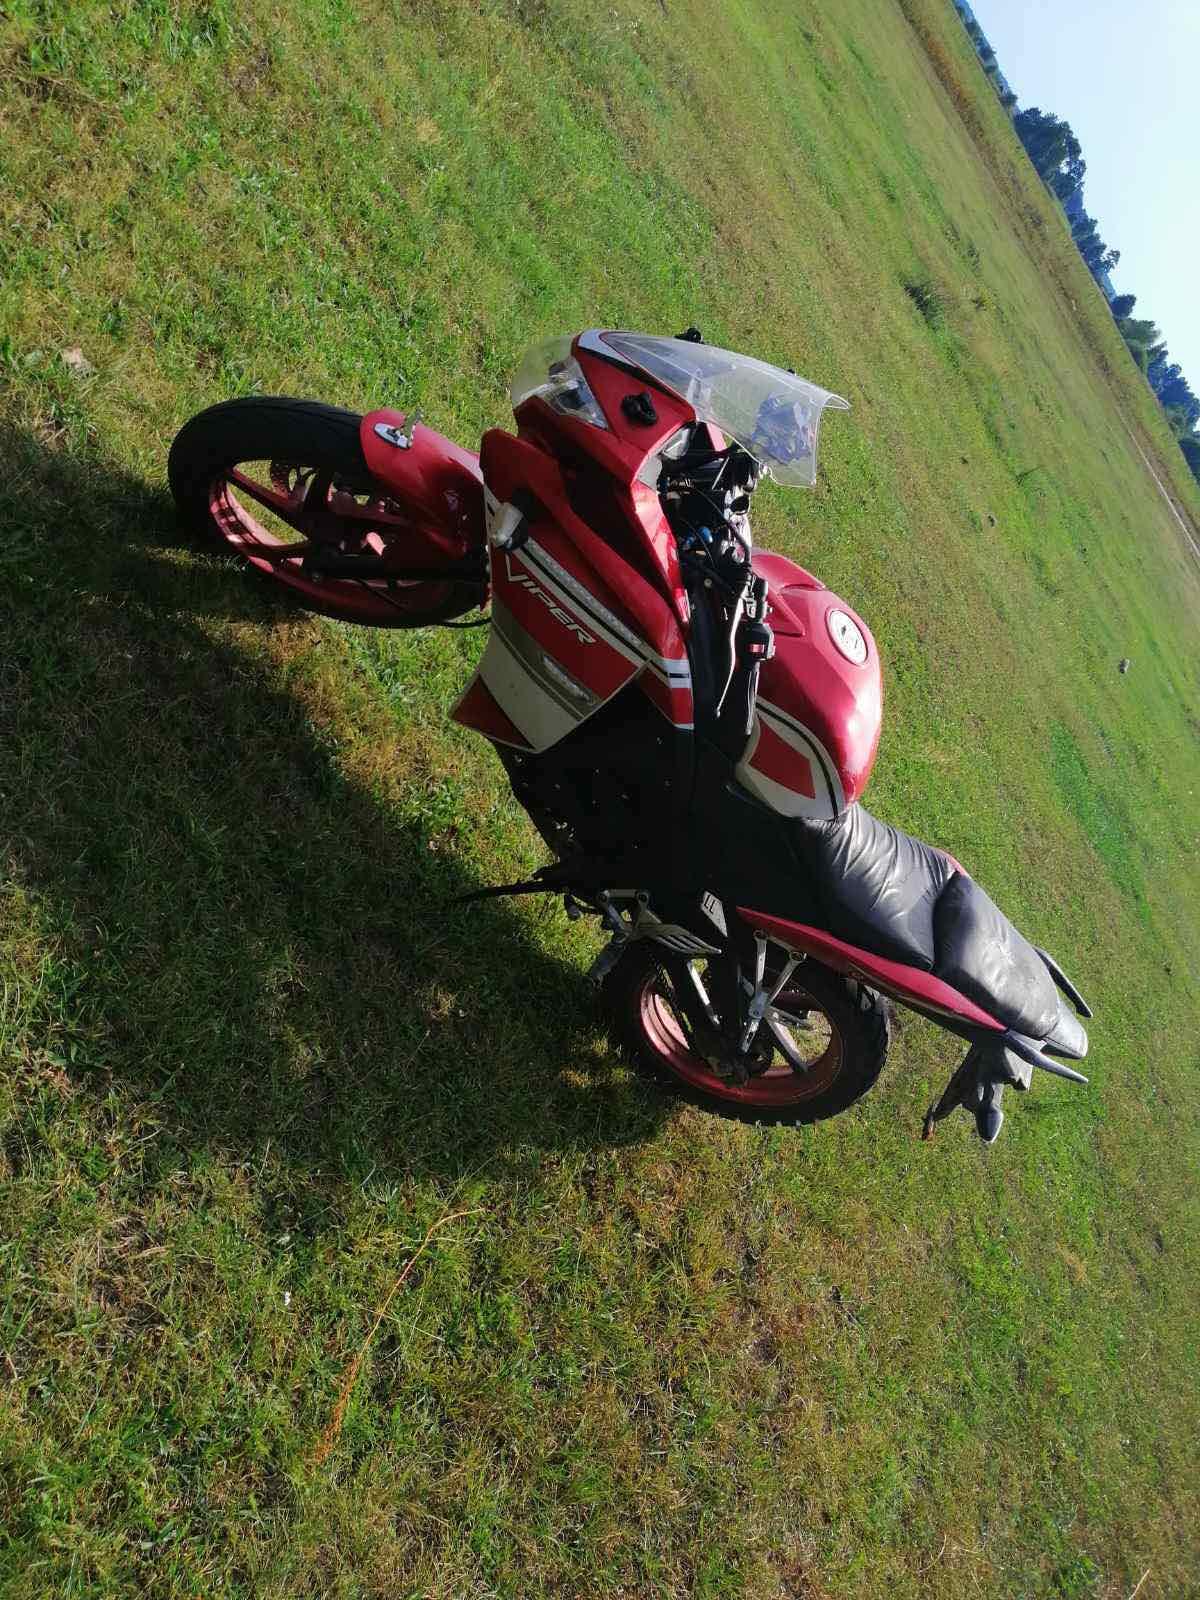 Viper 200cr